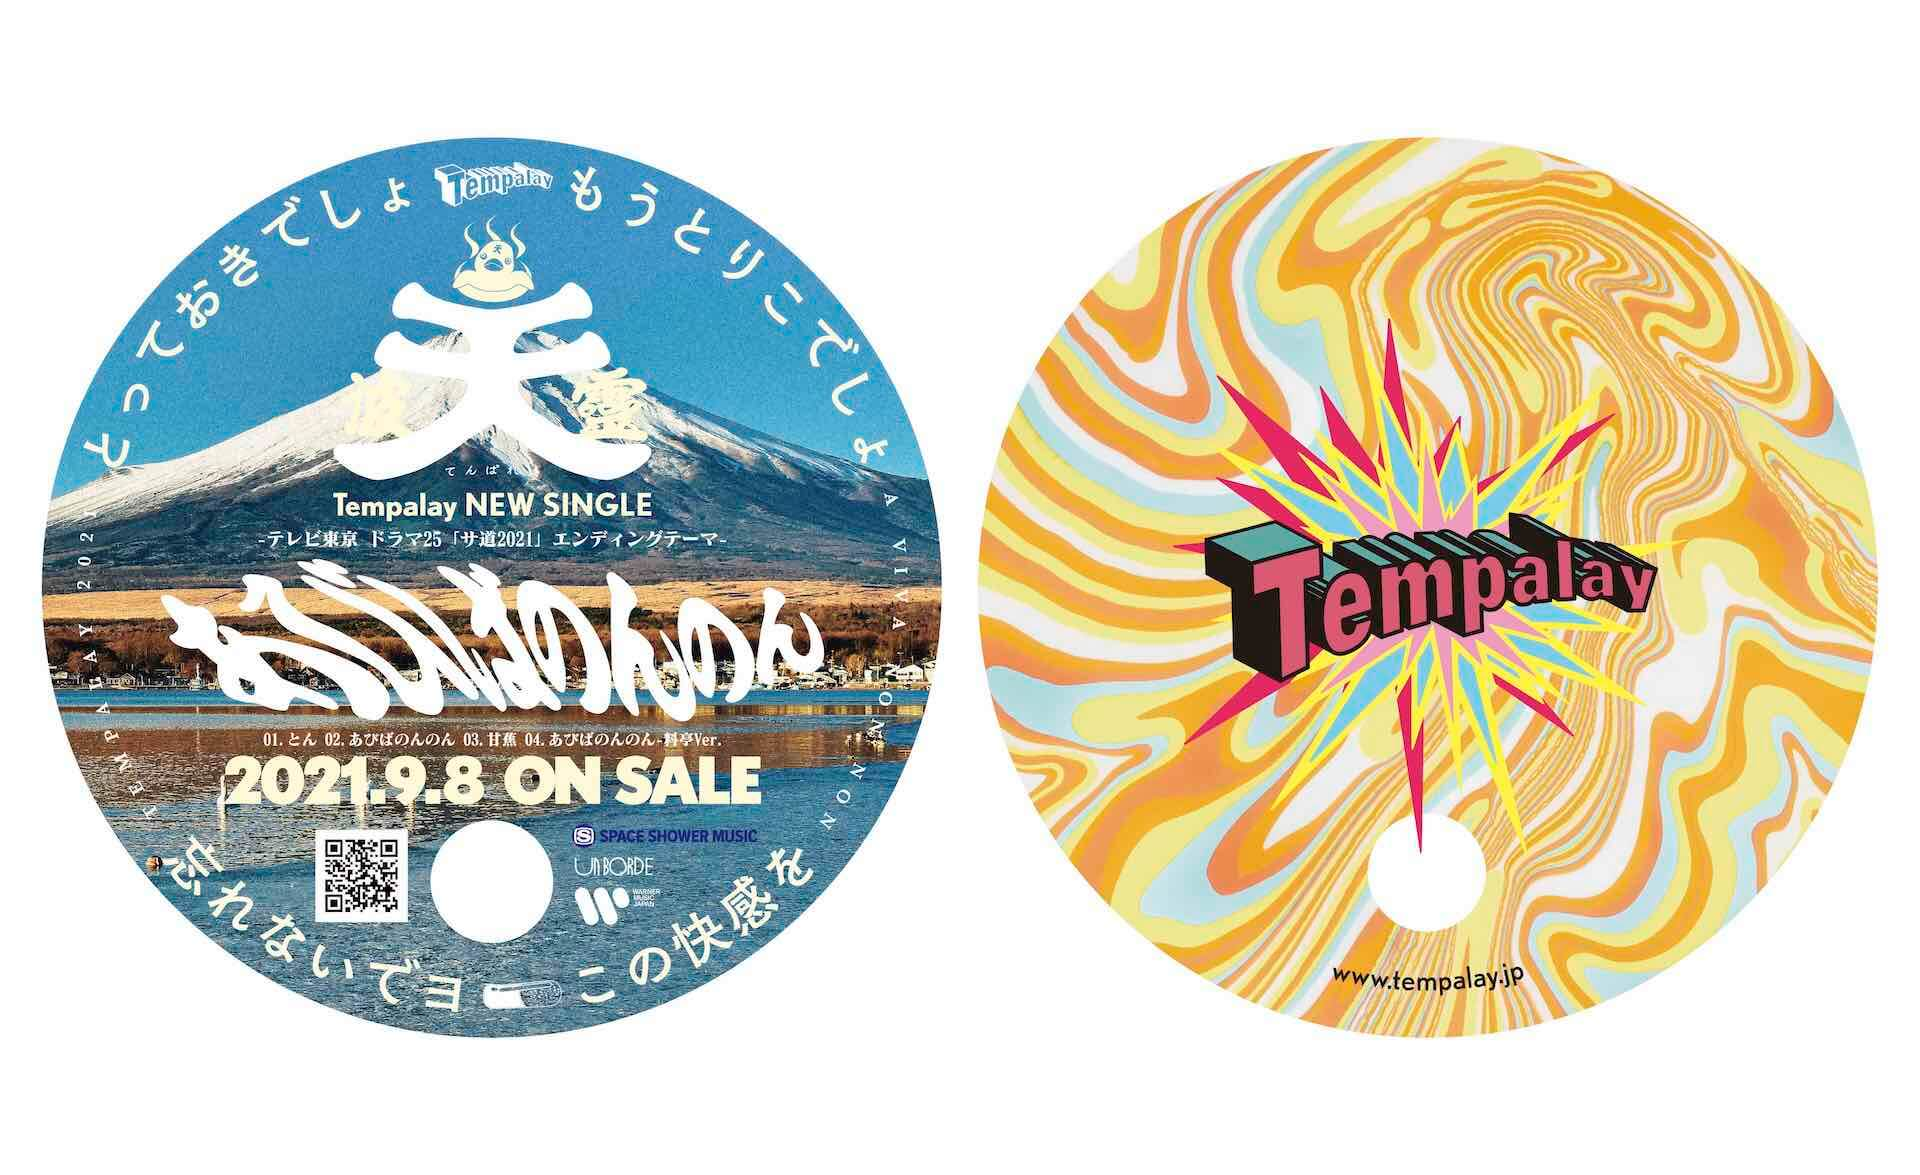 『あびばのんのん』をリリースするTempalayと全国の温浴施設のコラボが実現!改良湯で装飾、のれんなどがコラボ仕様に music210906_tempalay_3